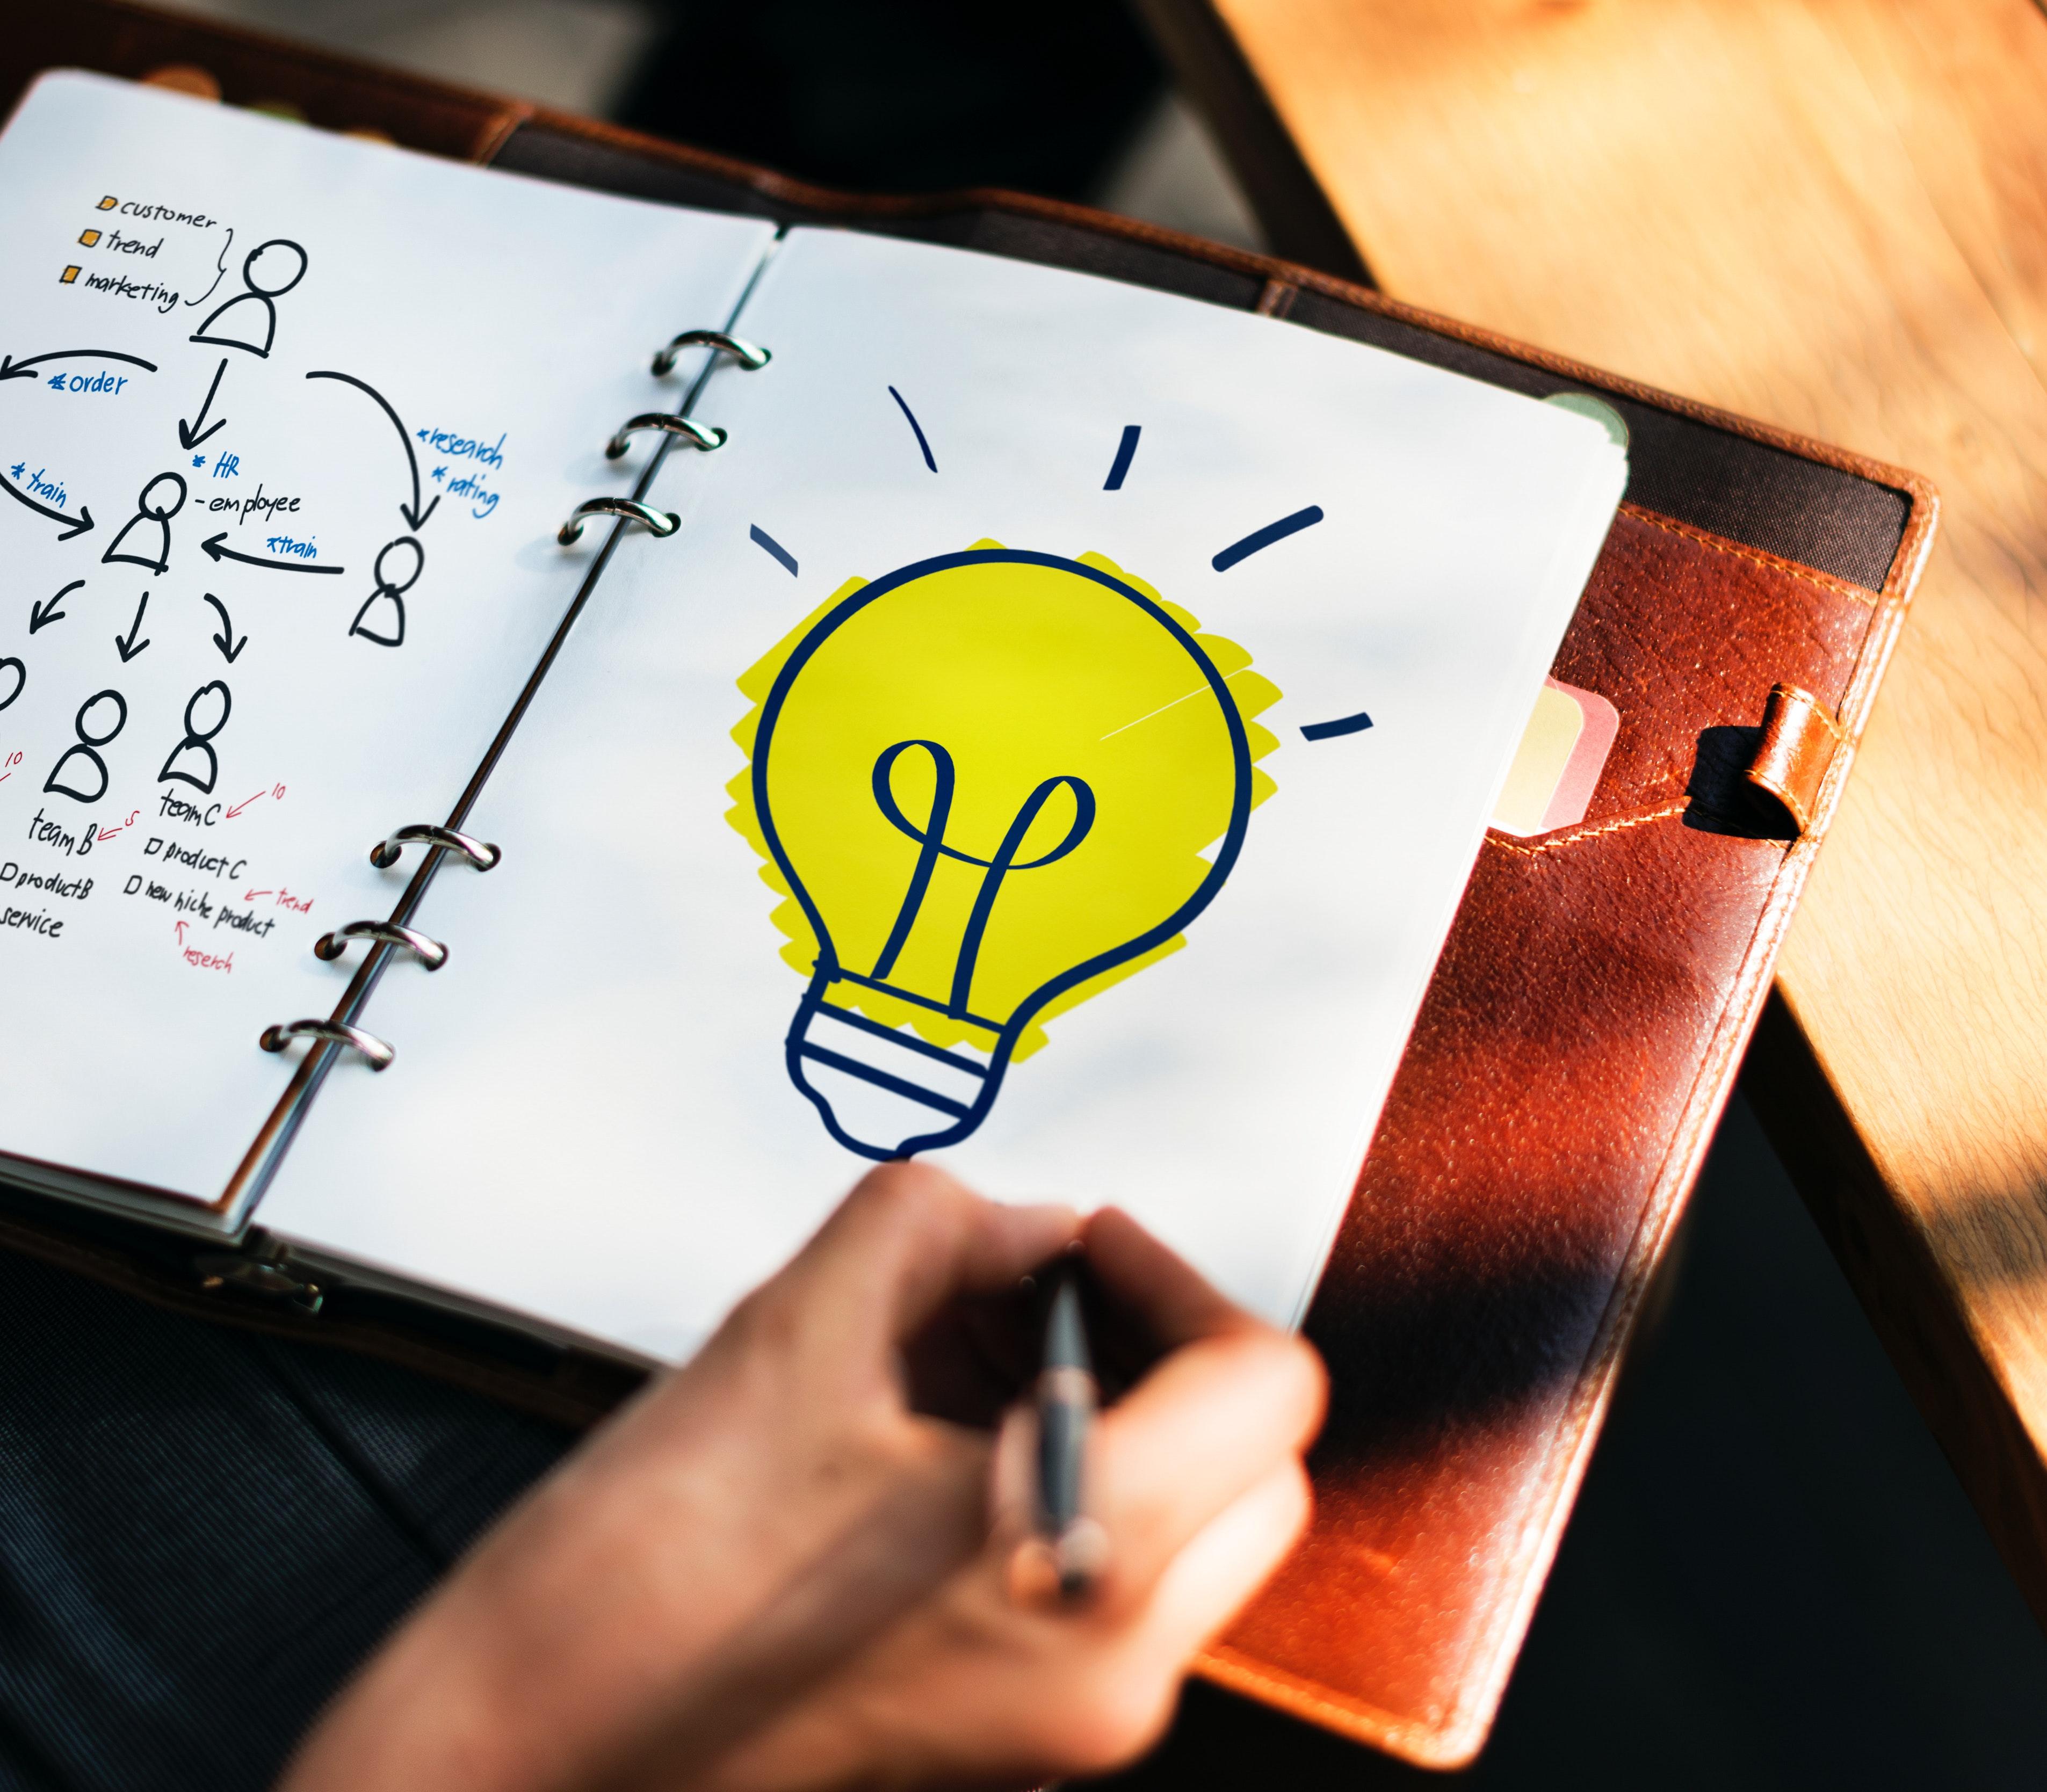 Strategii de promovare a unei firme: 10 idei pe care le poti aplica chiar de maine!